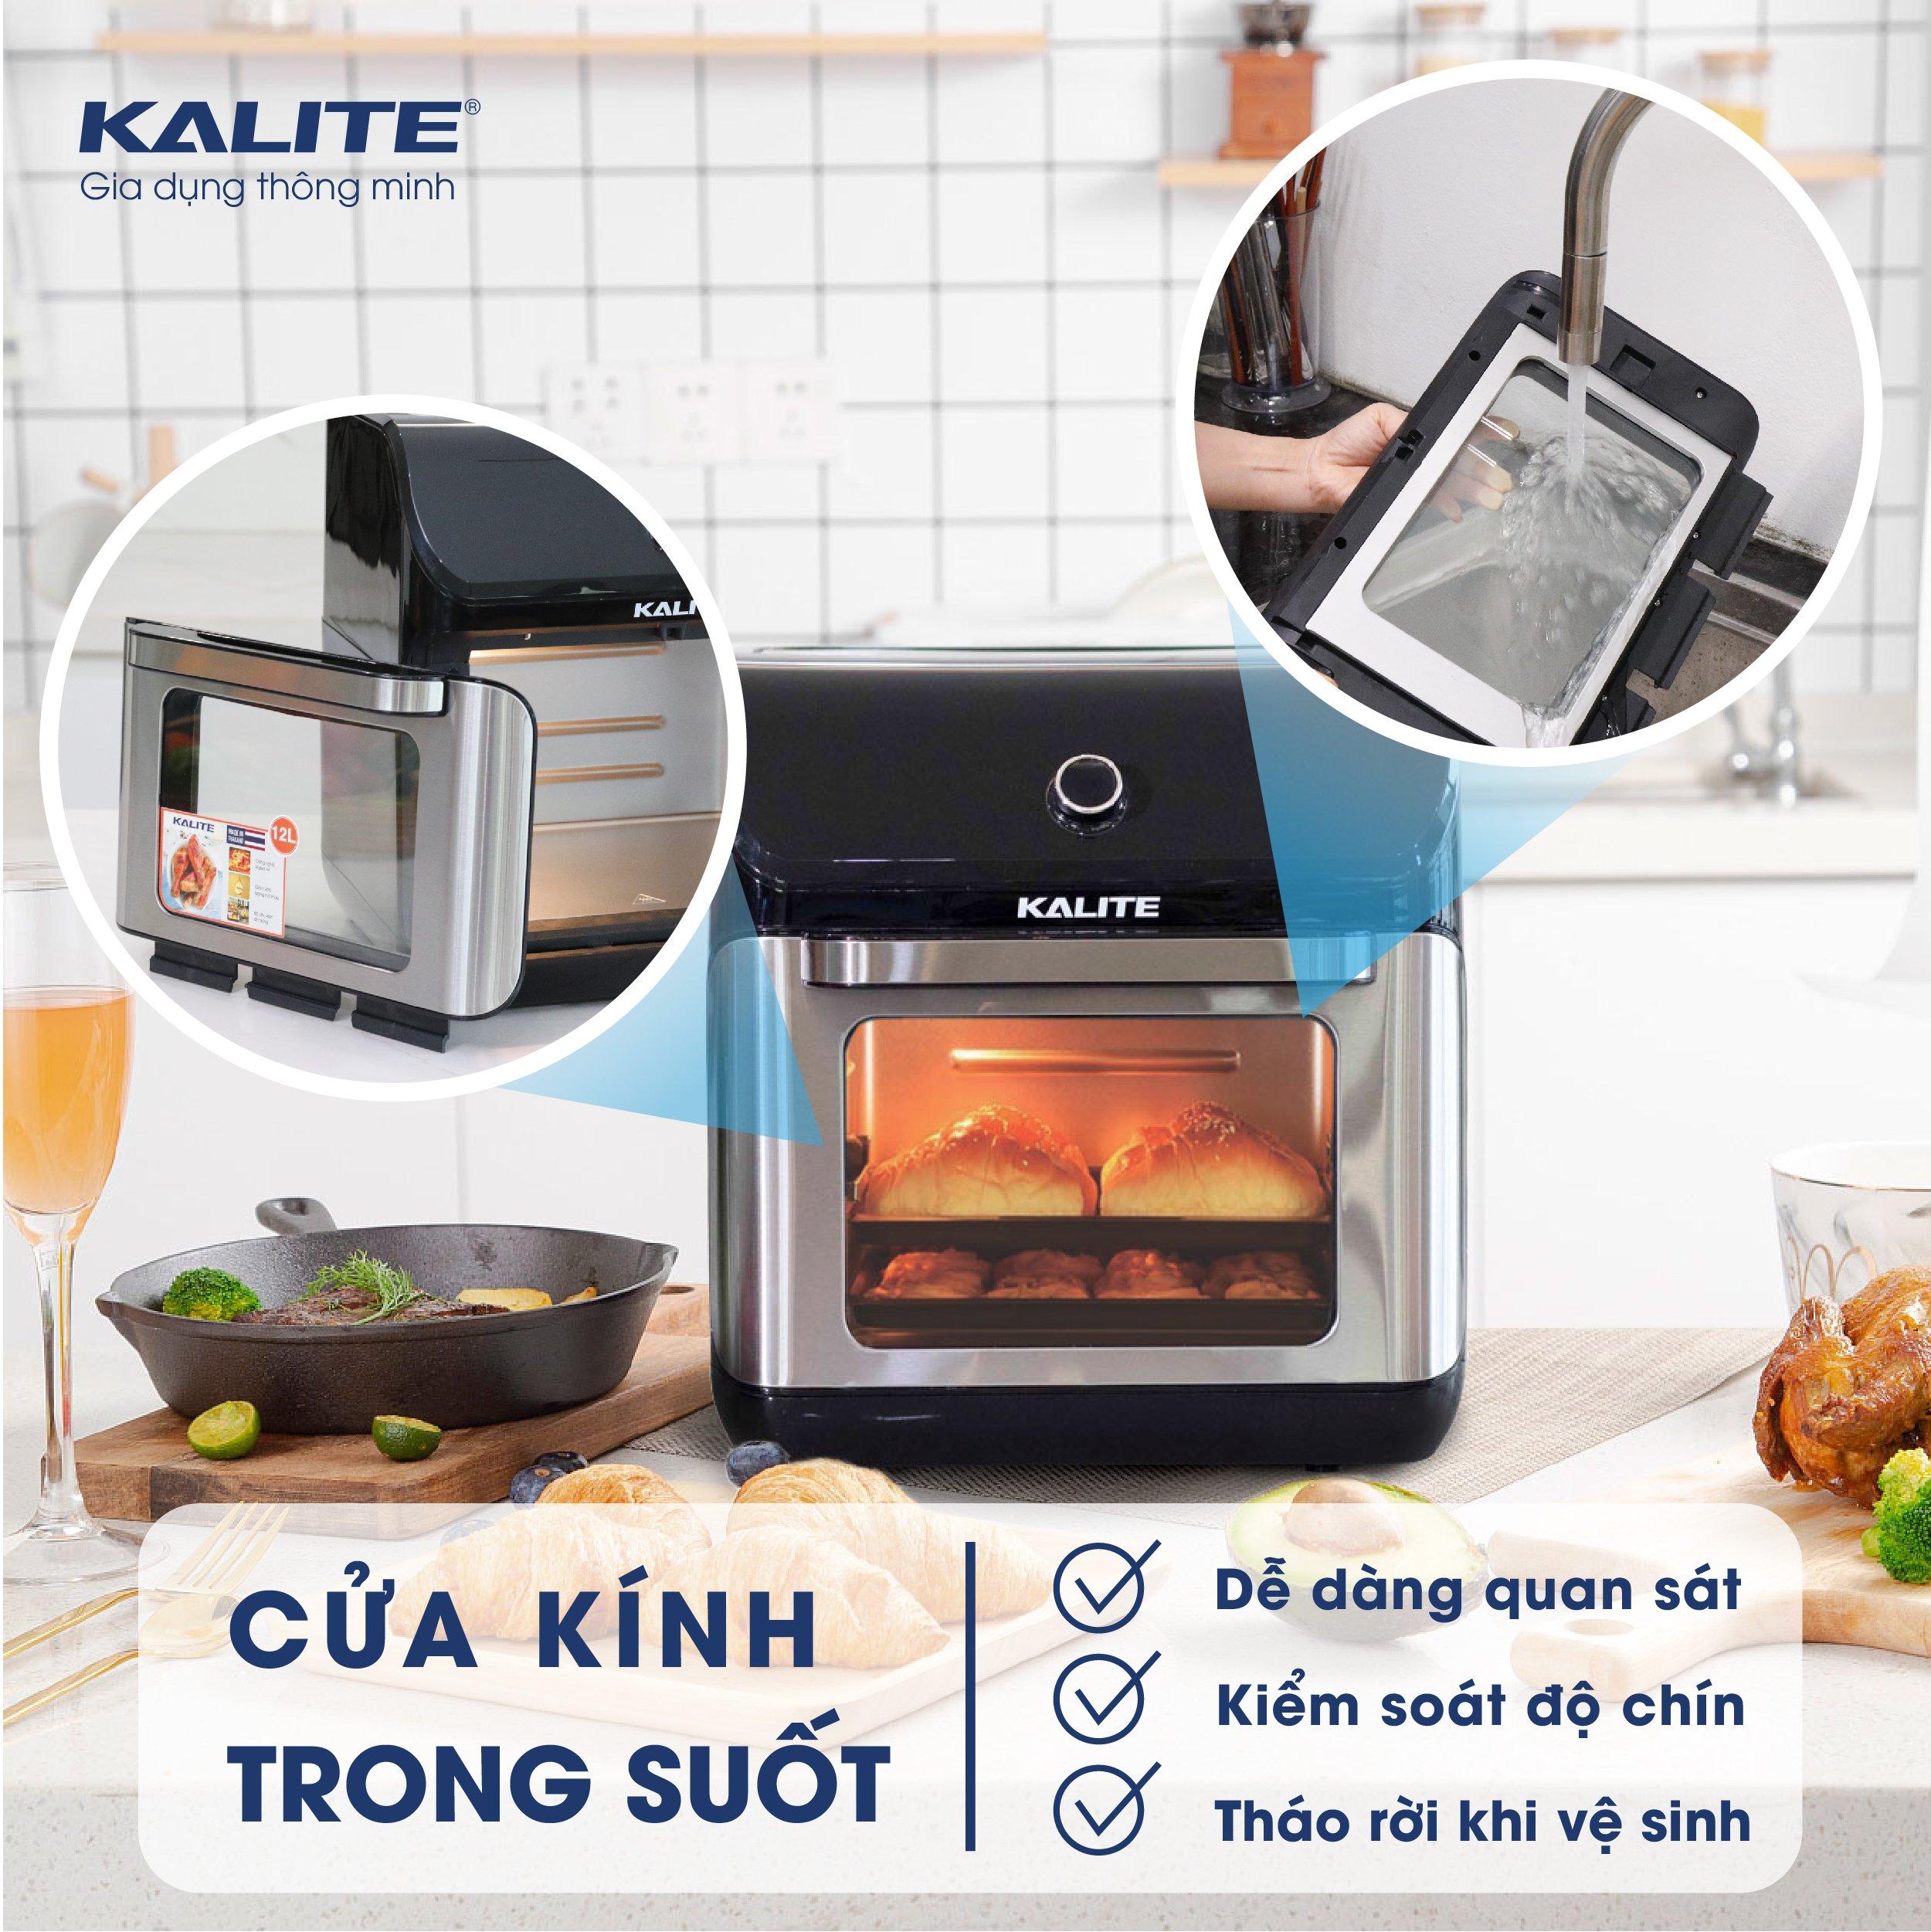 noi-chien-khong-dau-kalite-q12-new-11